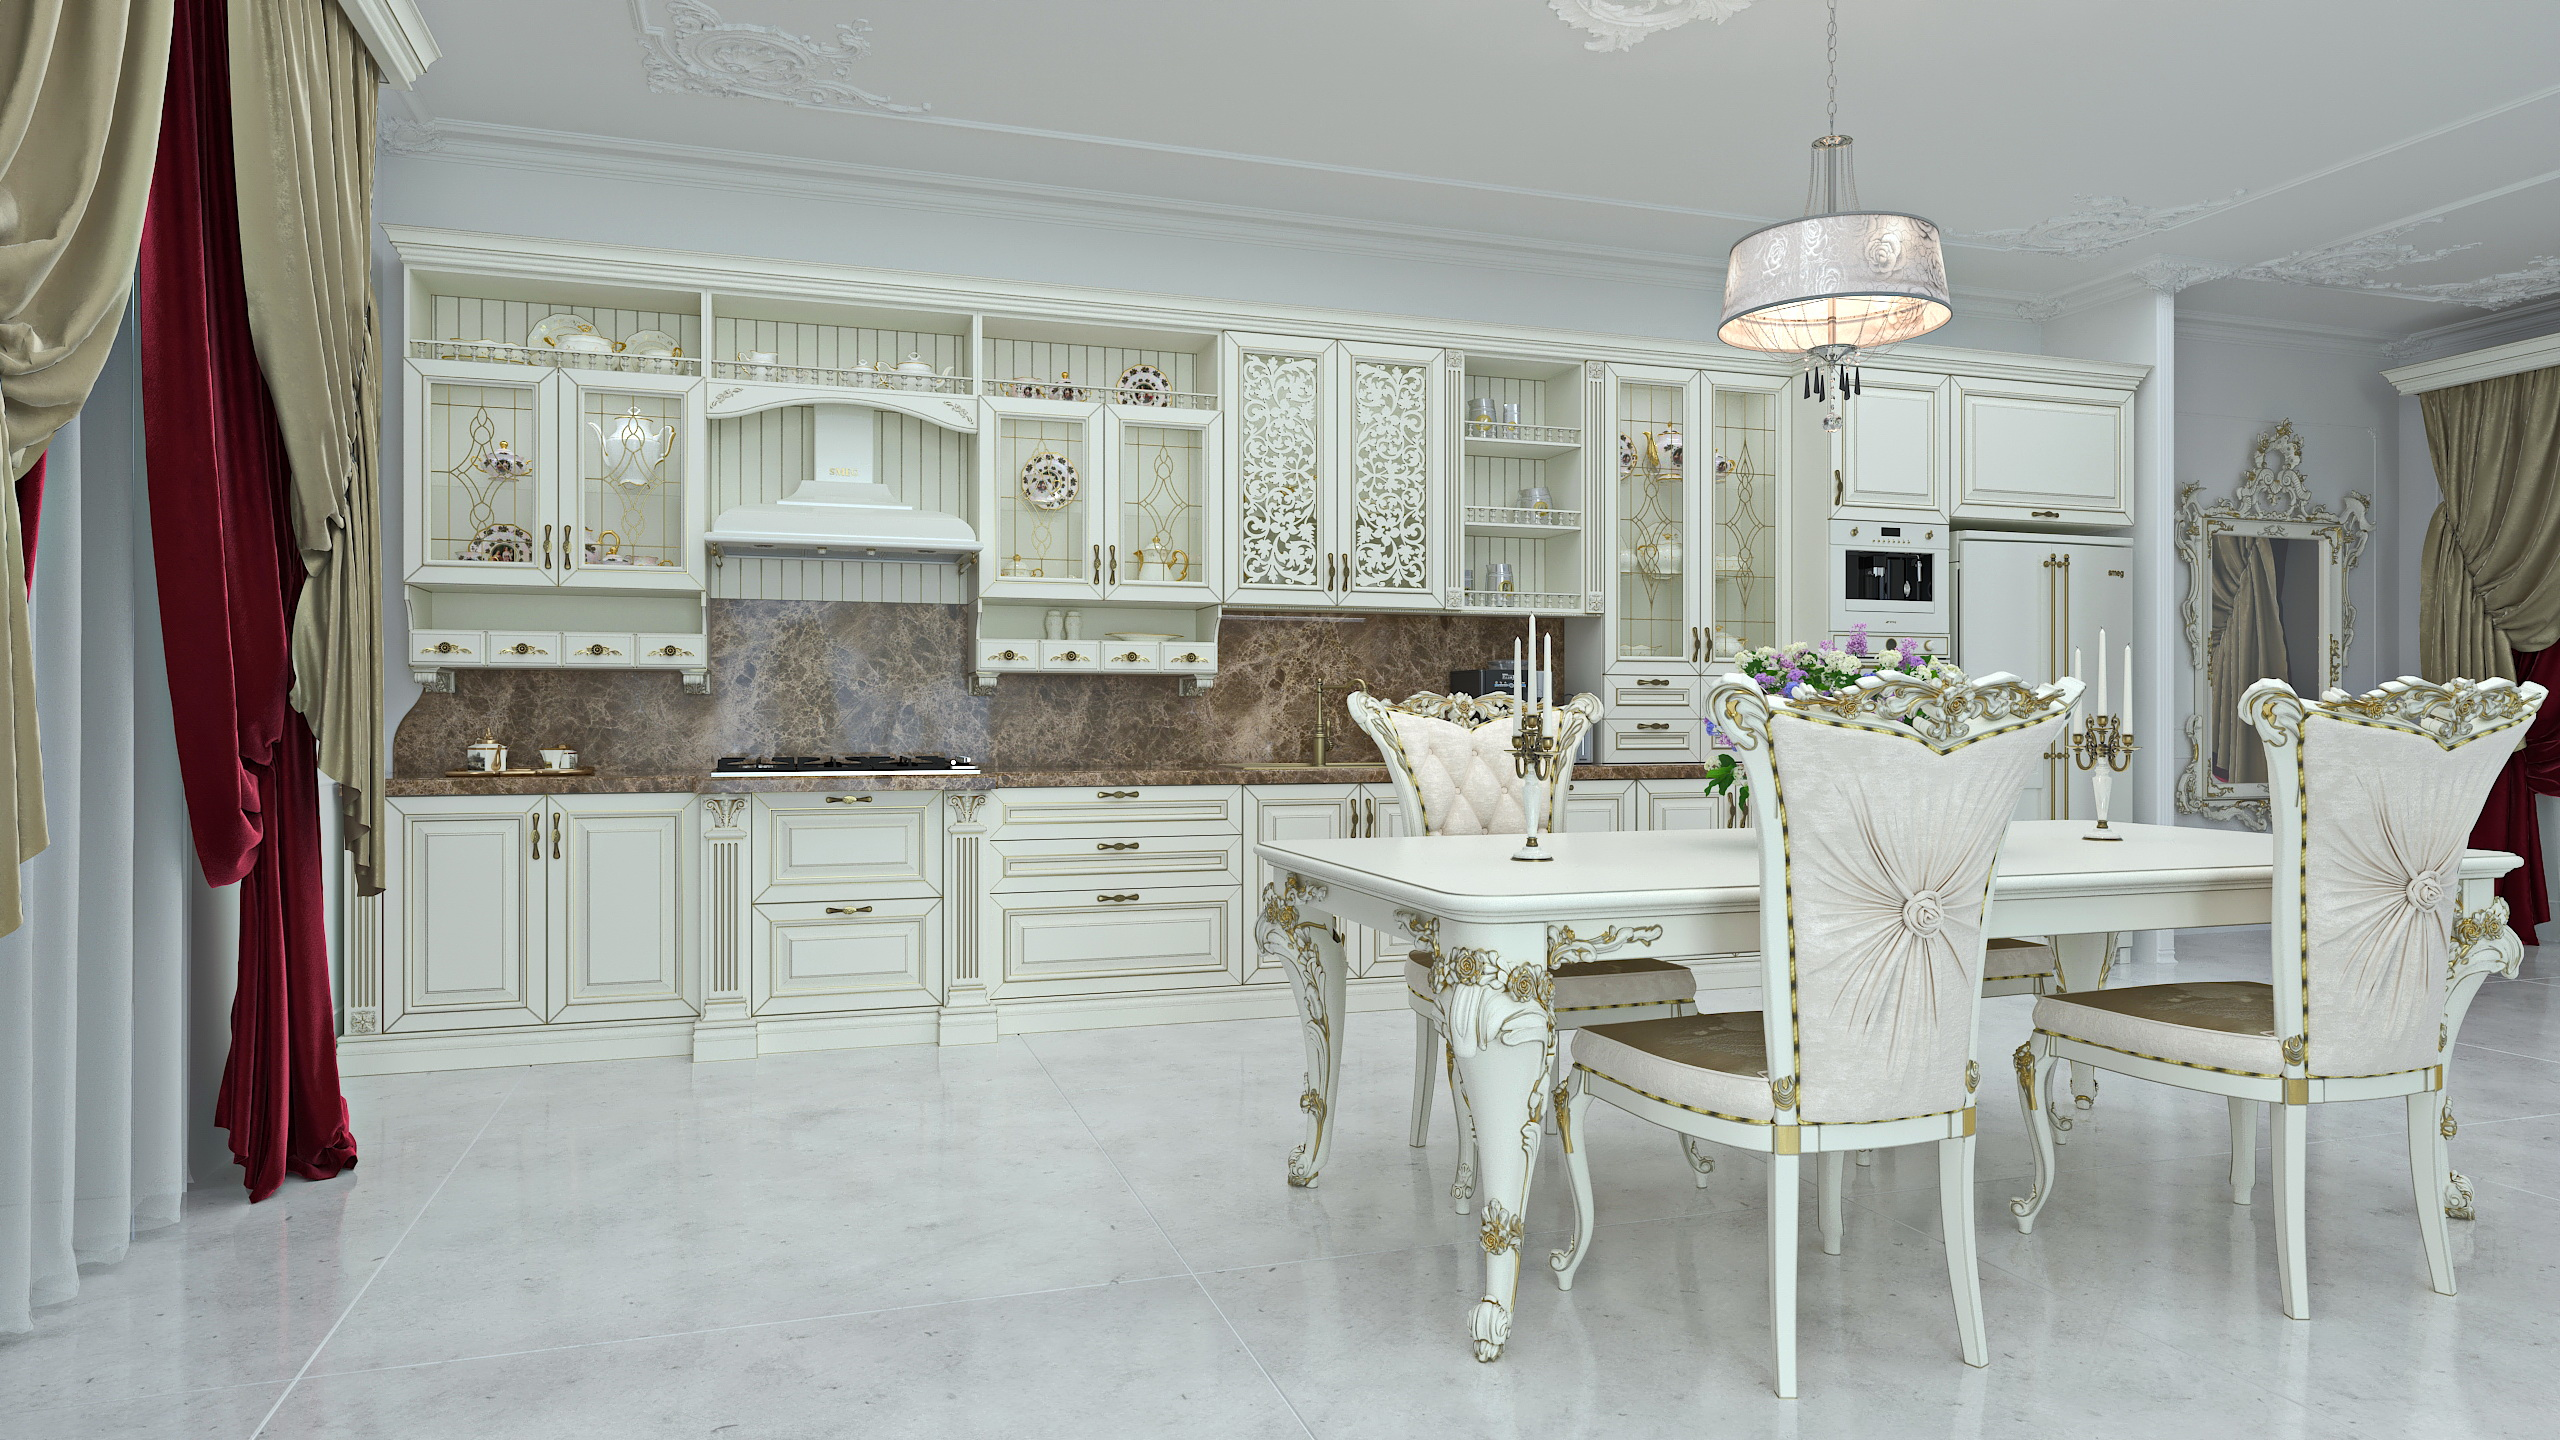 A cozinha em estilo clássico em SolidWorks vray 3.0 imagem